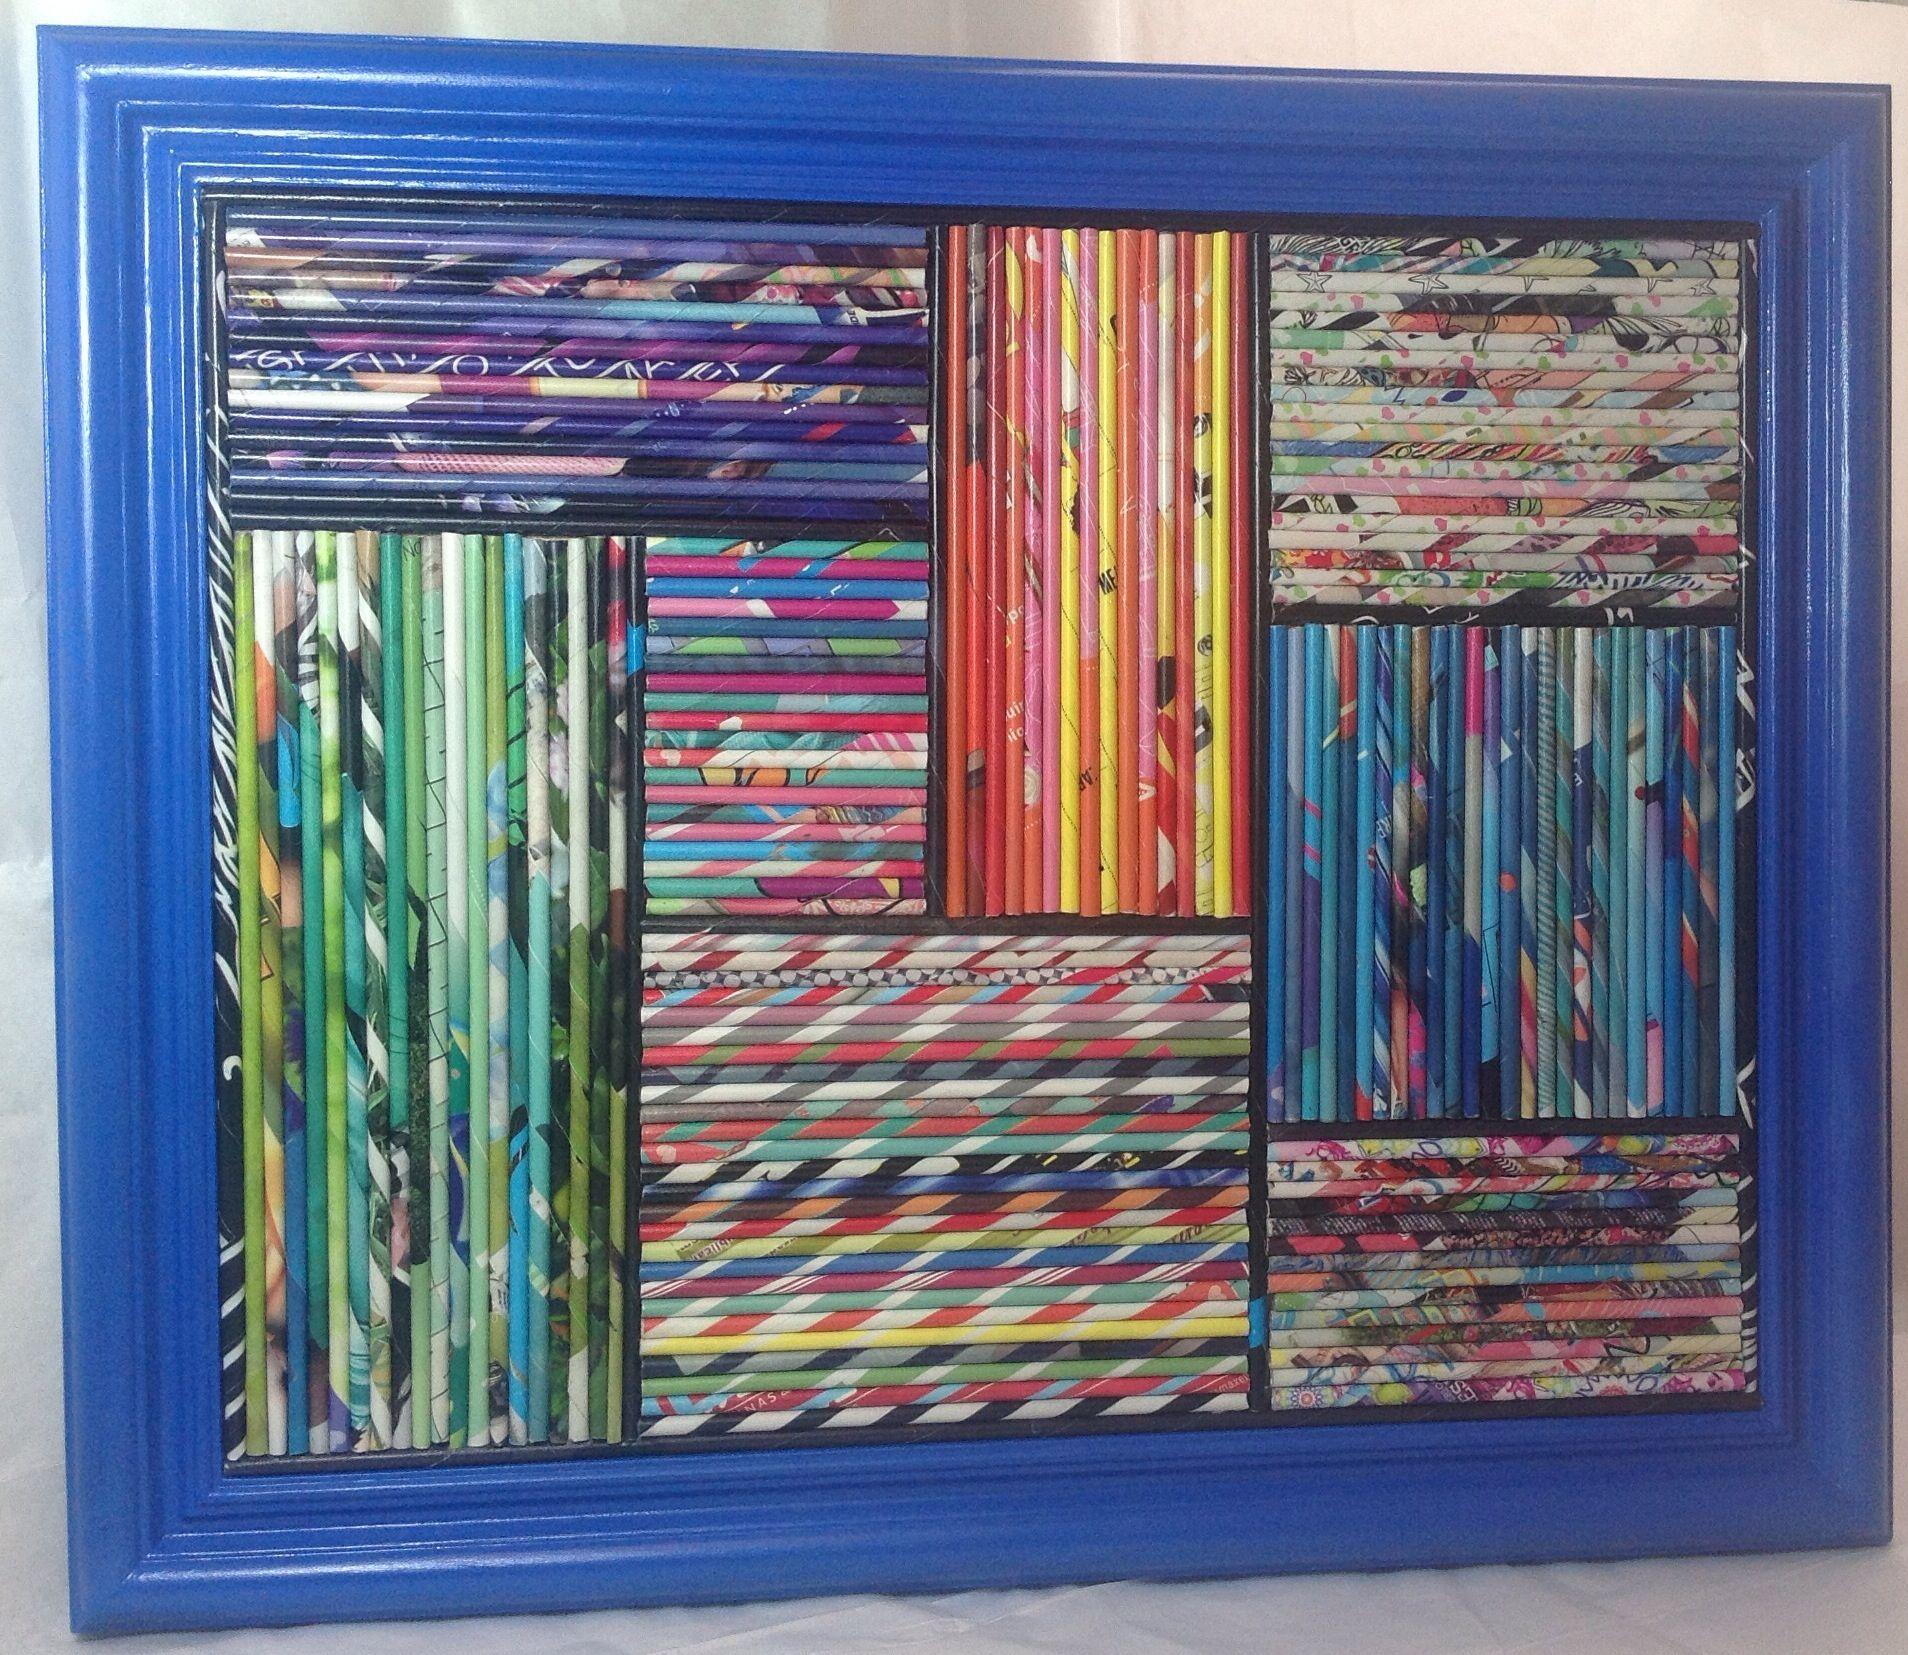 Cuadro hecho con rollitos de papel de revistas marco azul - Marcos para cuadros ...